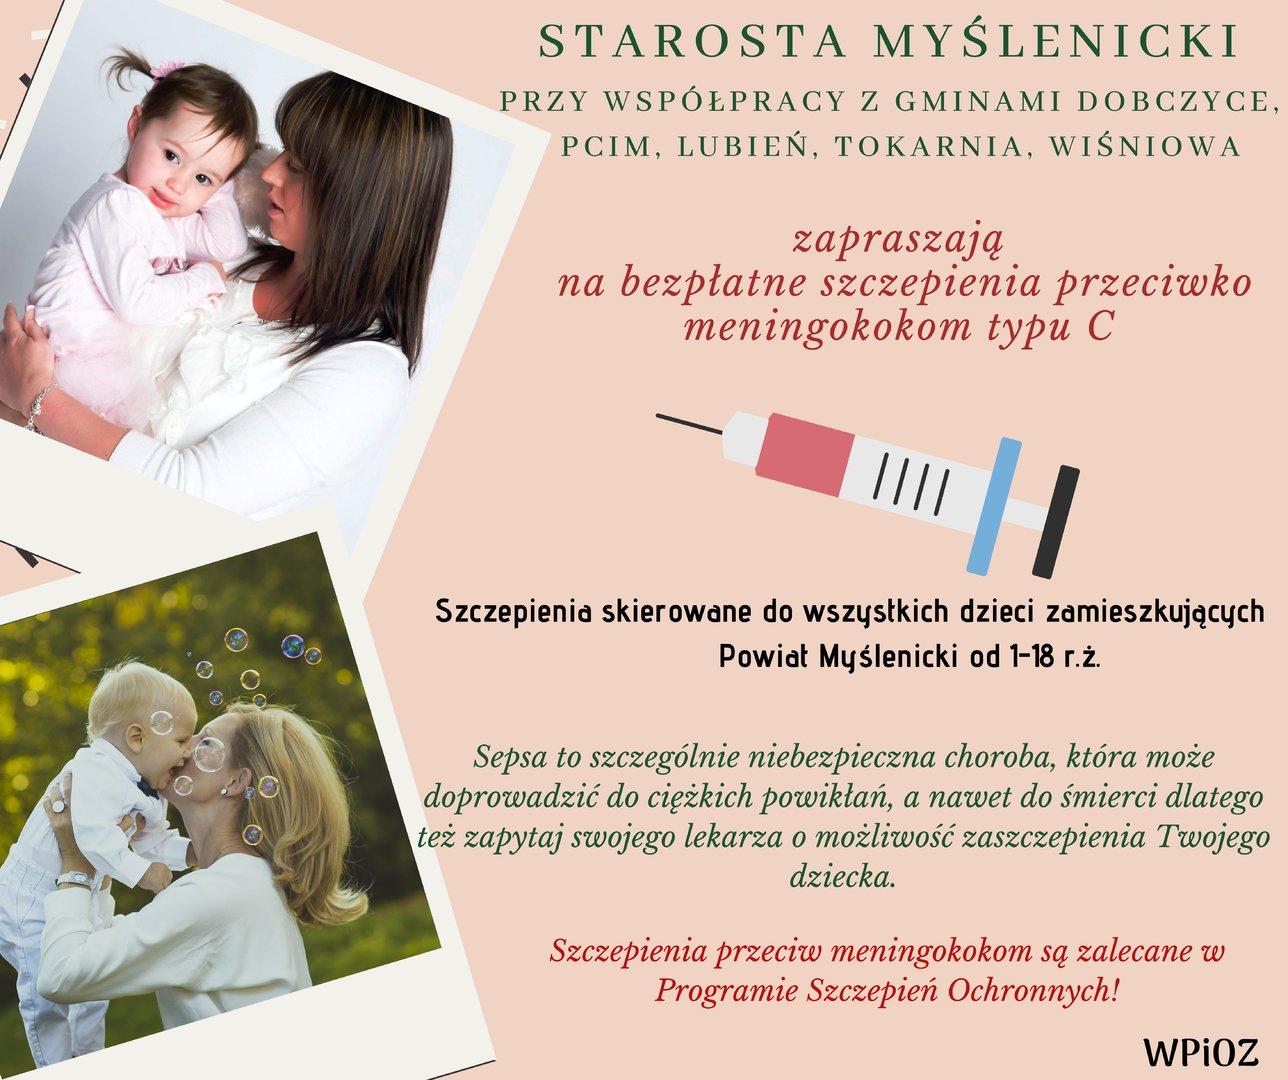 Odzie ciowa Pcim - Ogoszenia ast01.net